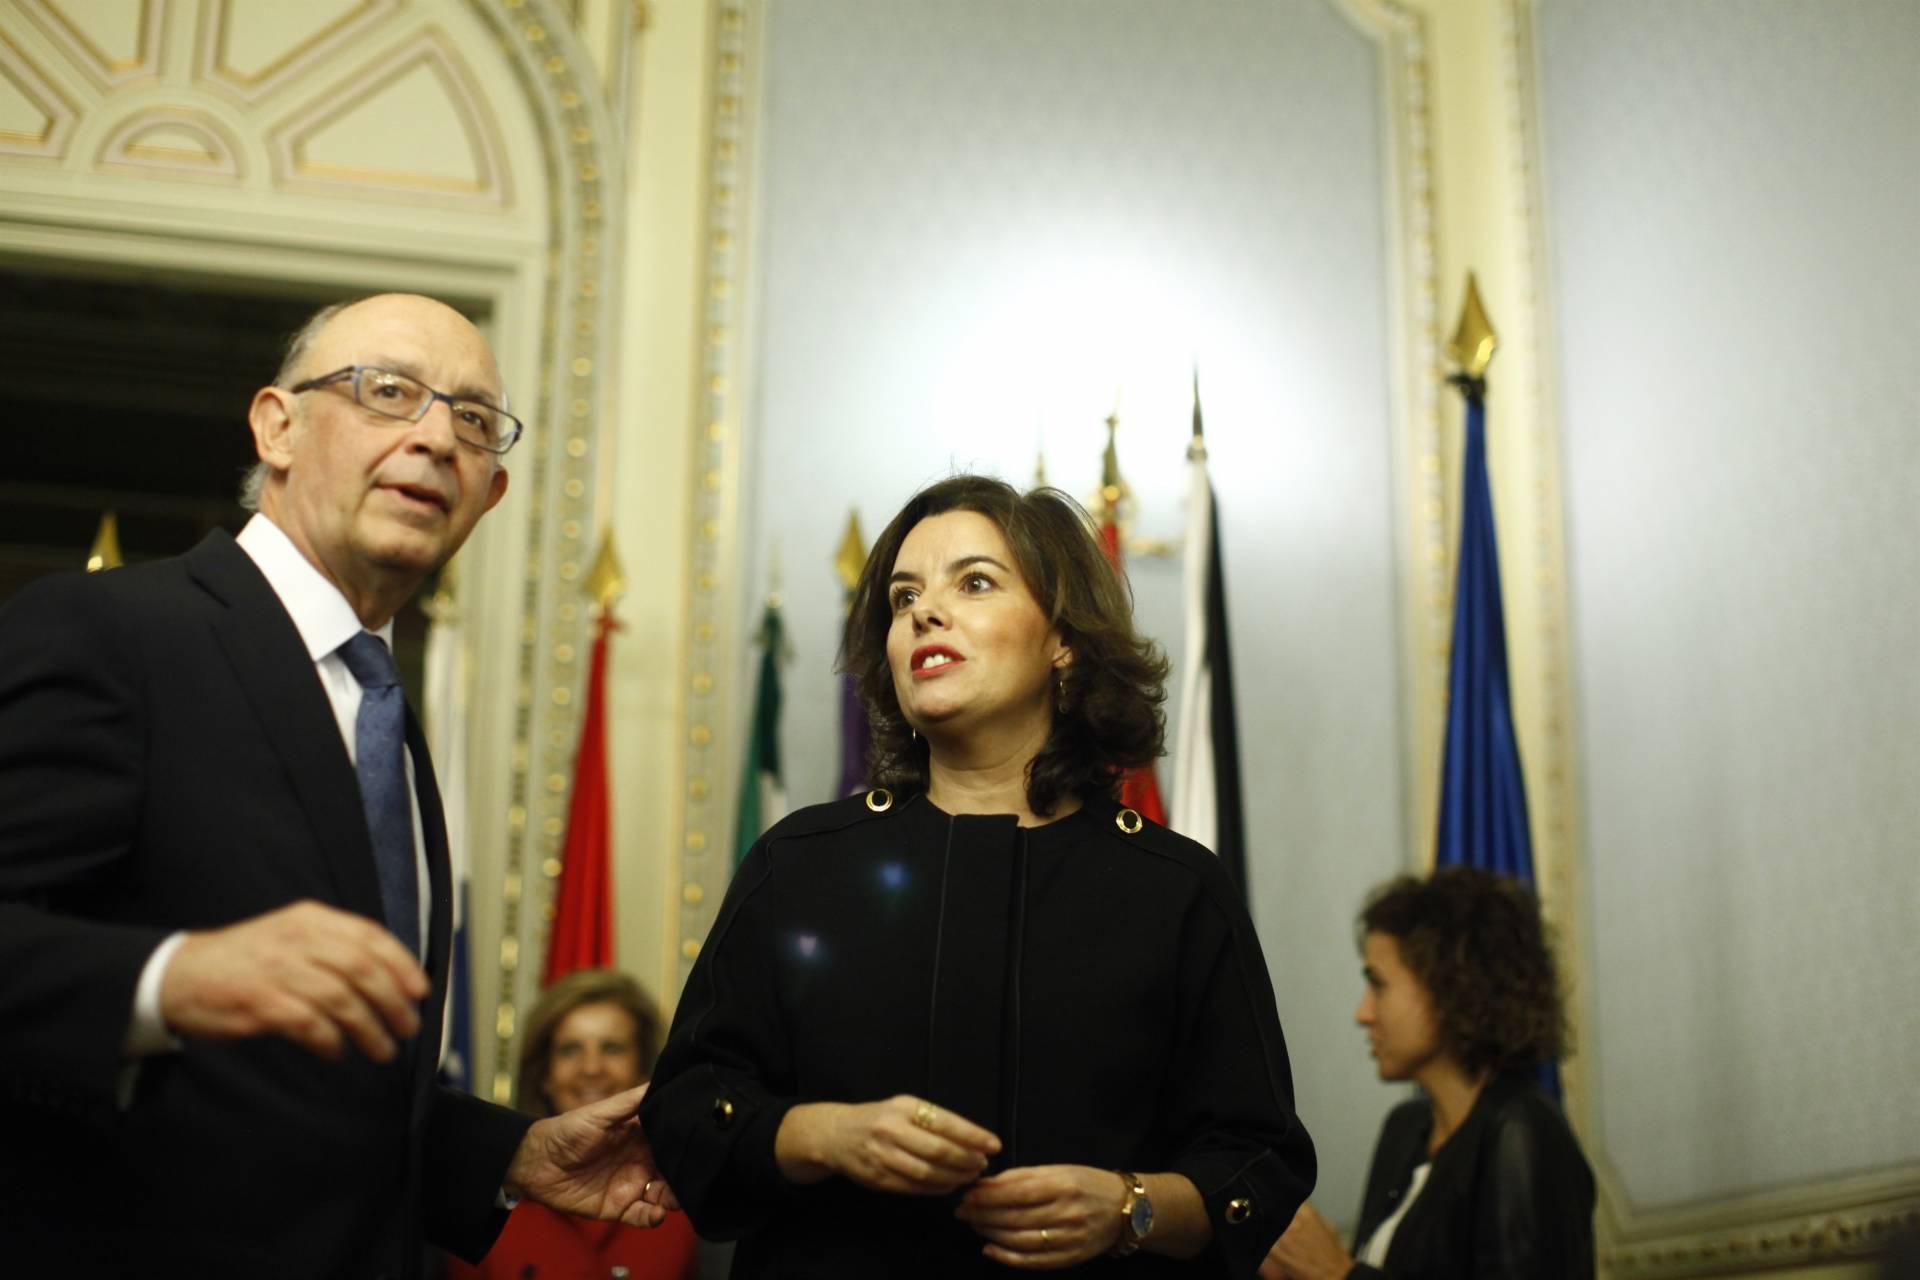 Cristóbal Montoro y Soraya Sáenz de Santamaría, durante el traspaso de las competencias territoriales.